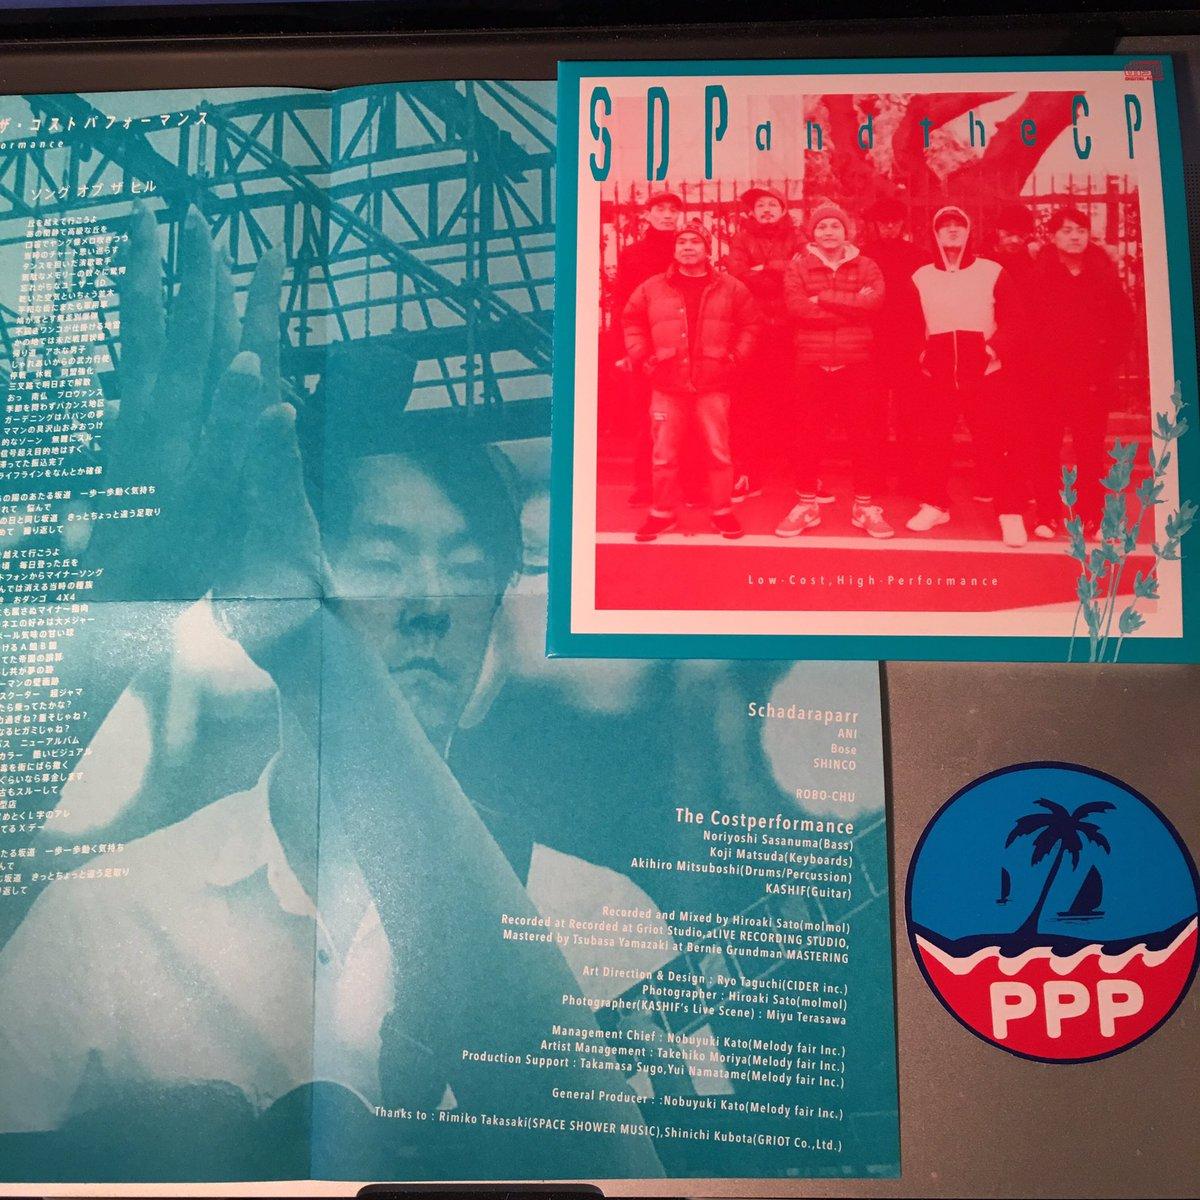 お母さん、僕スチャダラパーの歌詞カードになったよ。撮影byみゆととさん https://t.co/h1VGS11QO5